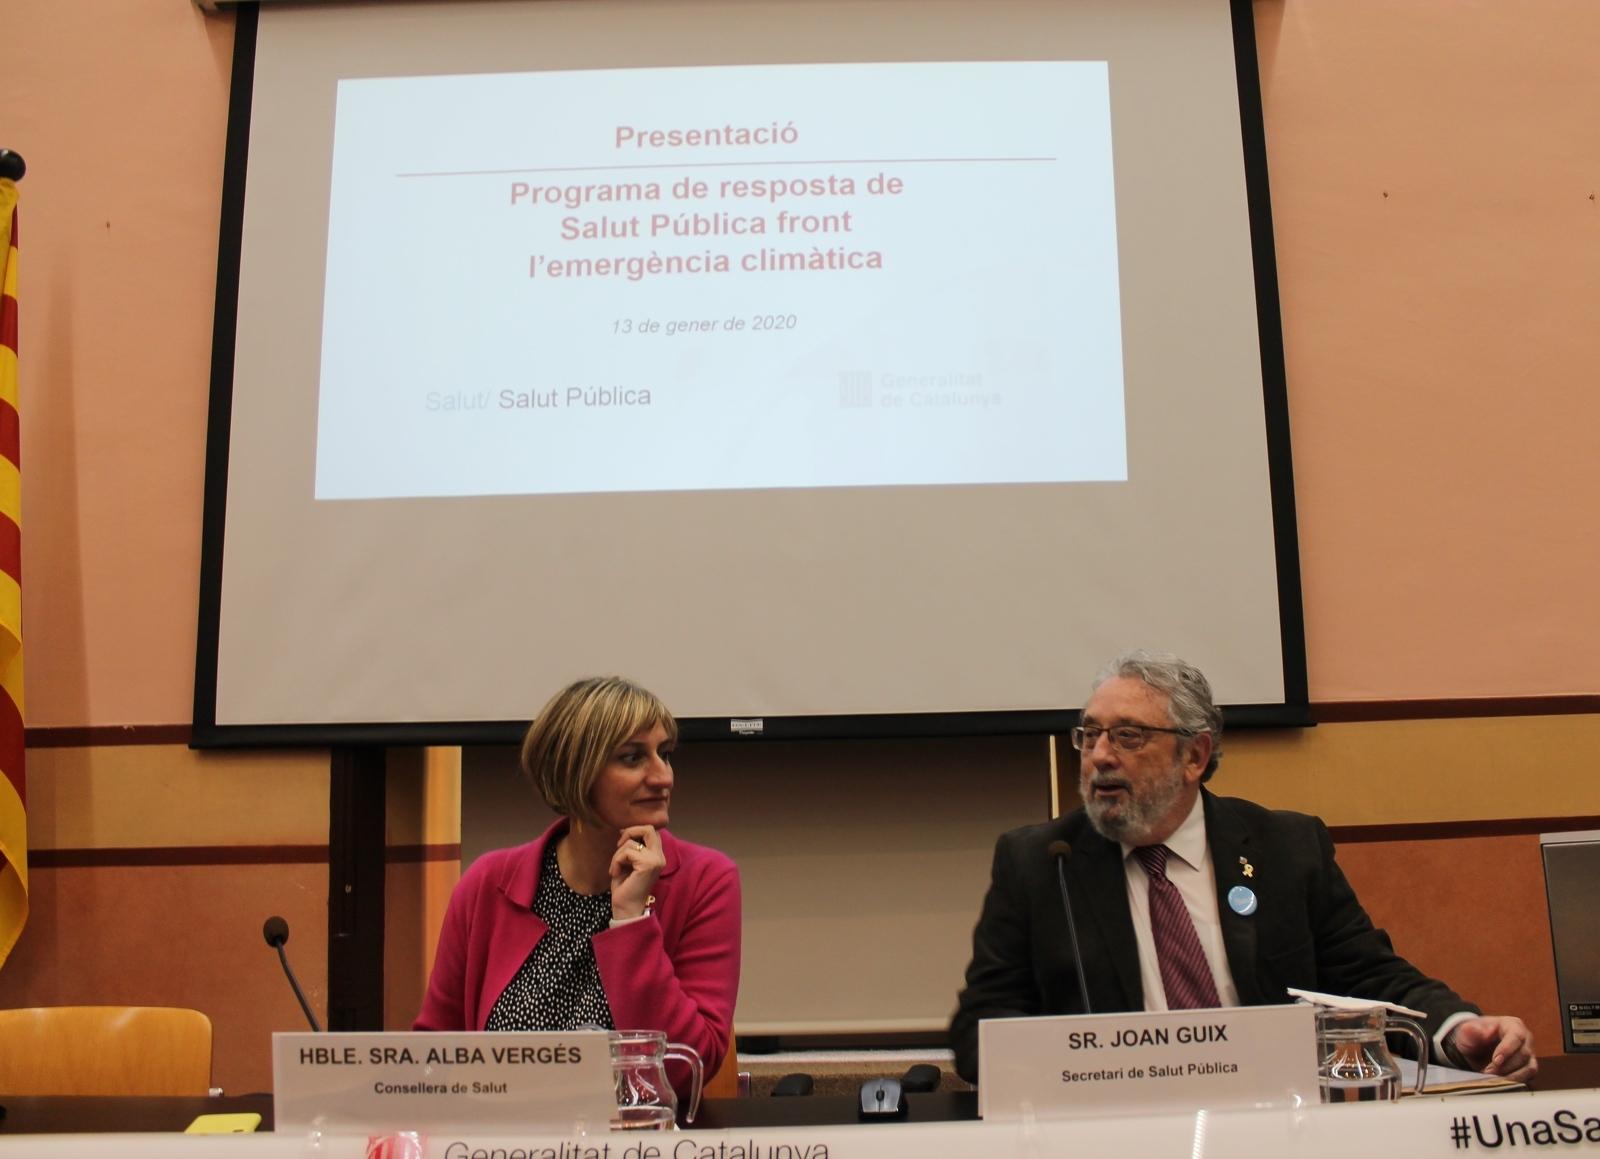 La consellera Alba Vergés i el secretari de Salut Pública, Joan Guix, durant la roda de premsa de presentació del Programa de resposta front l'emergència climàtica